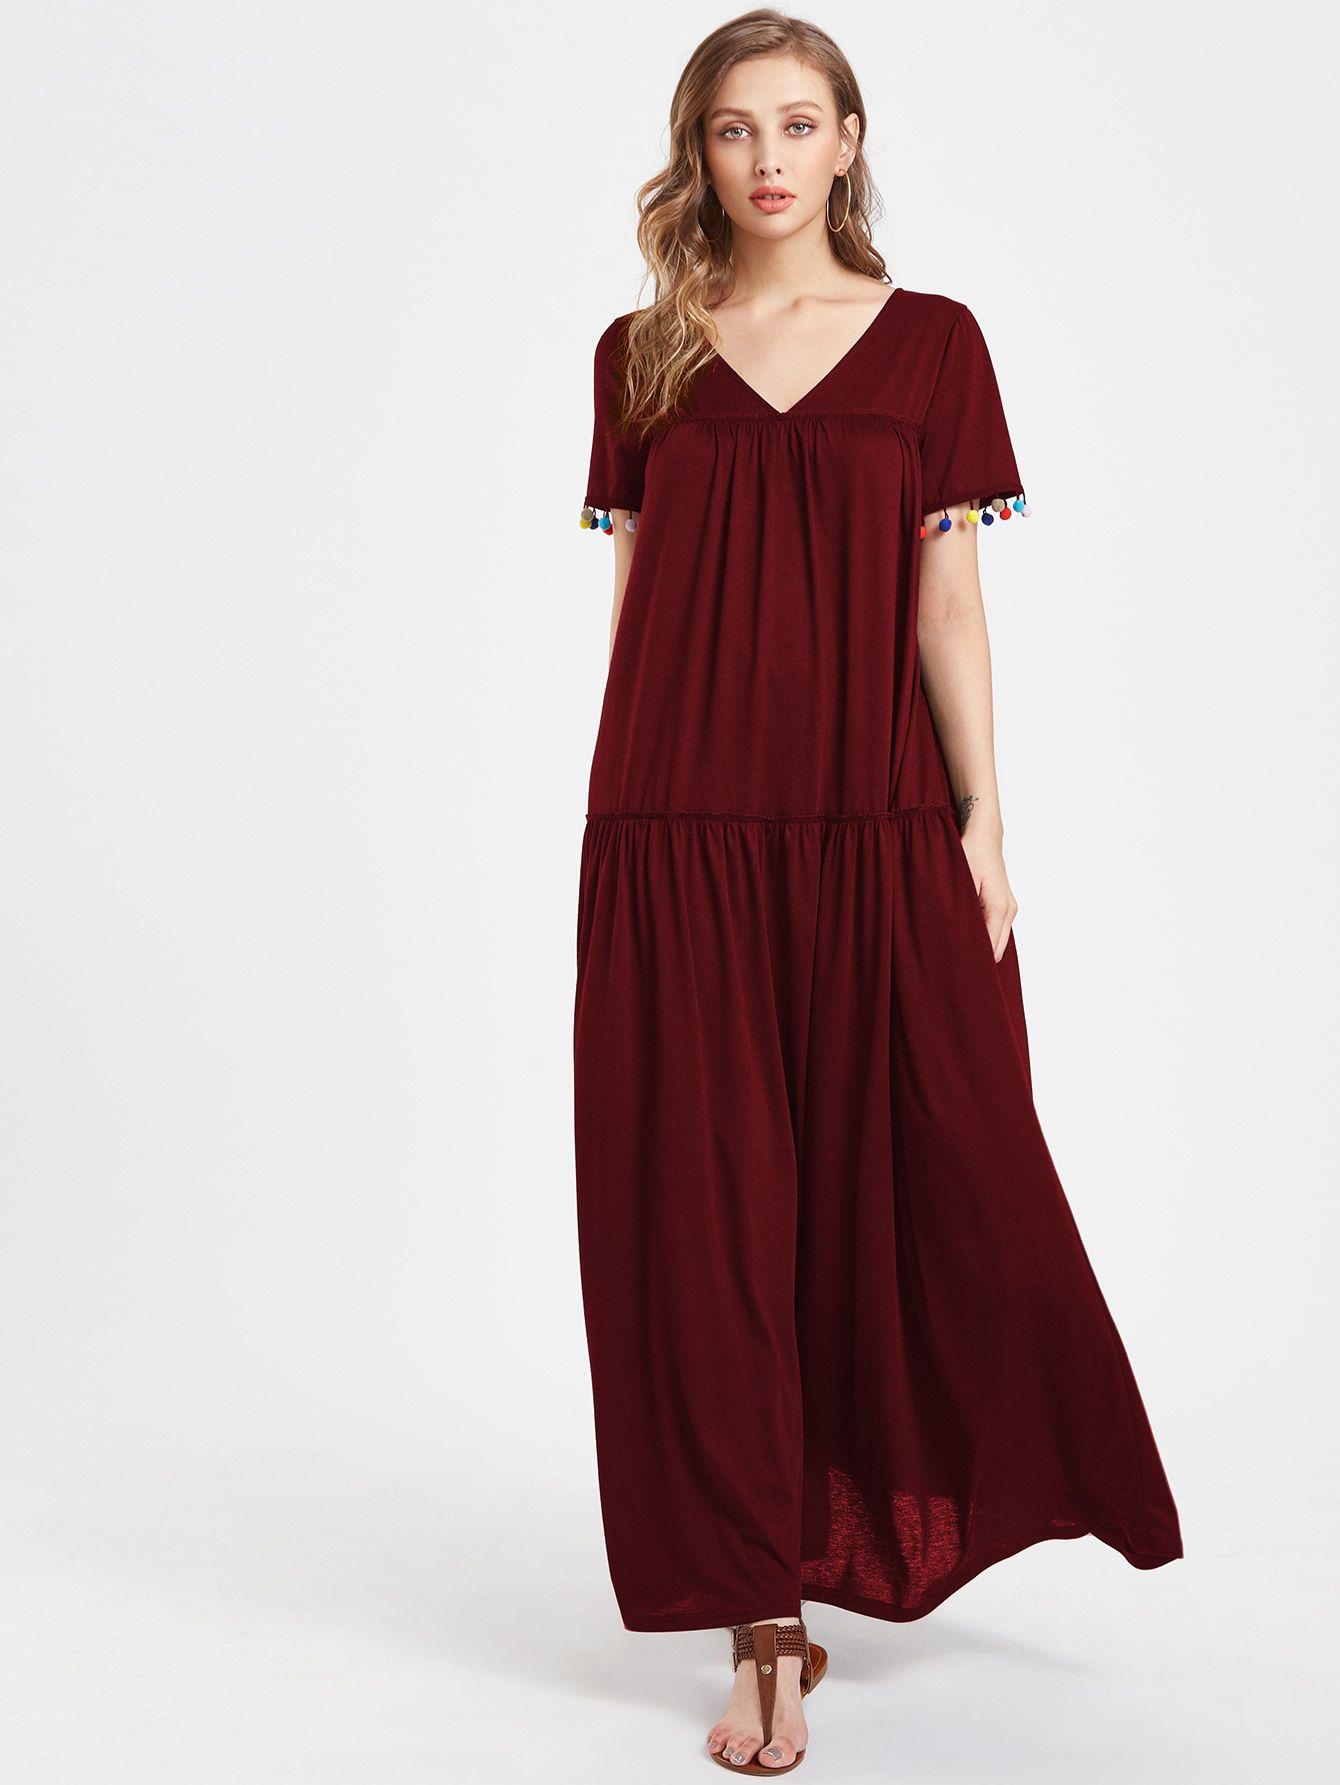 3025fa4c15 Shop V Neckline Pom Pom Full Length Dress online. SheIn offers V Neckline Pom  Pom Full Length Dress & more to fit your fashionable needs.